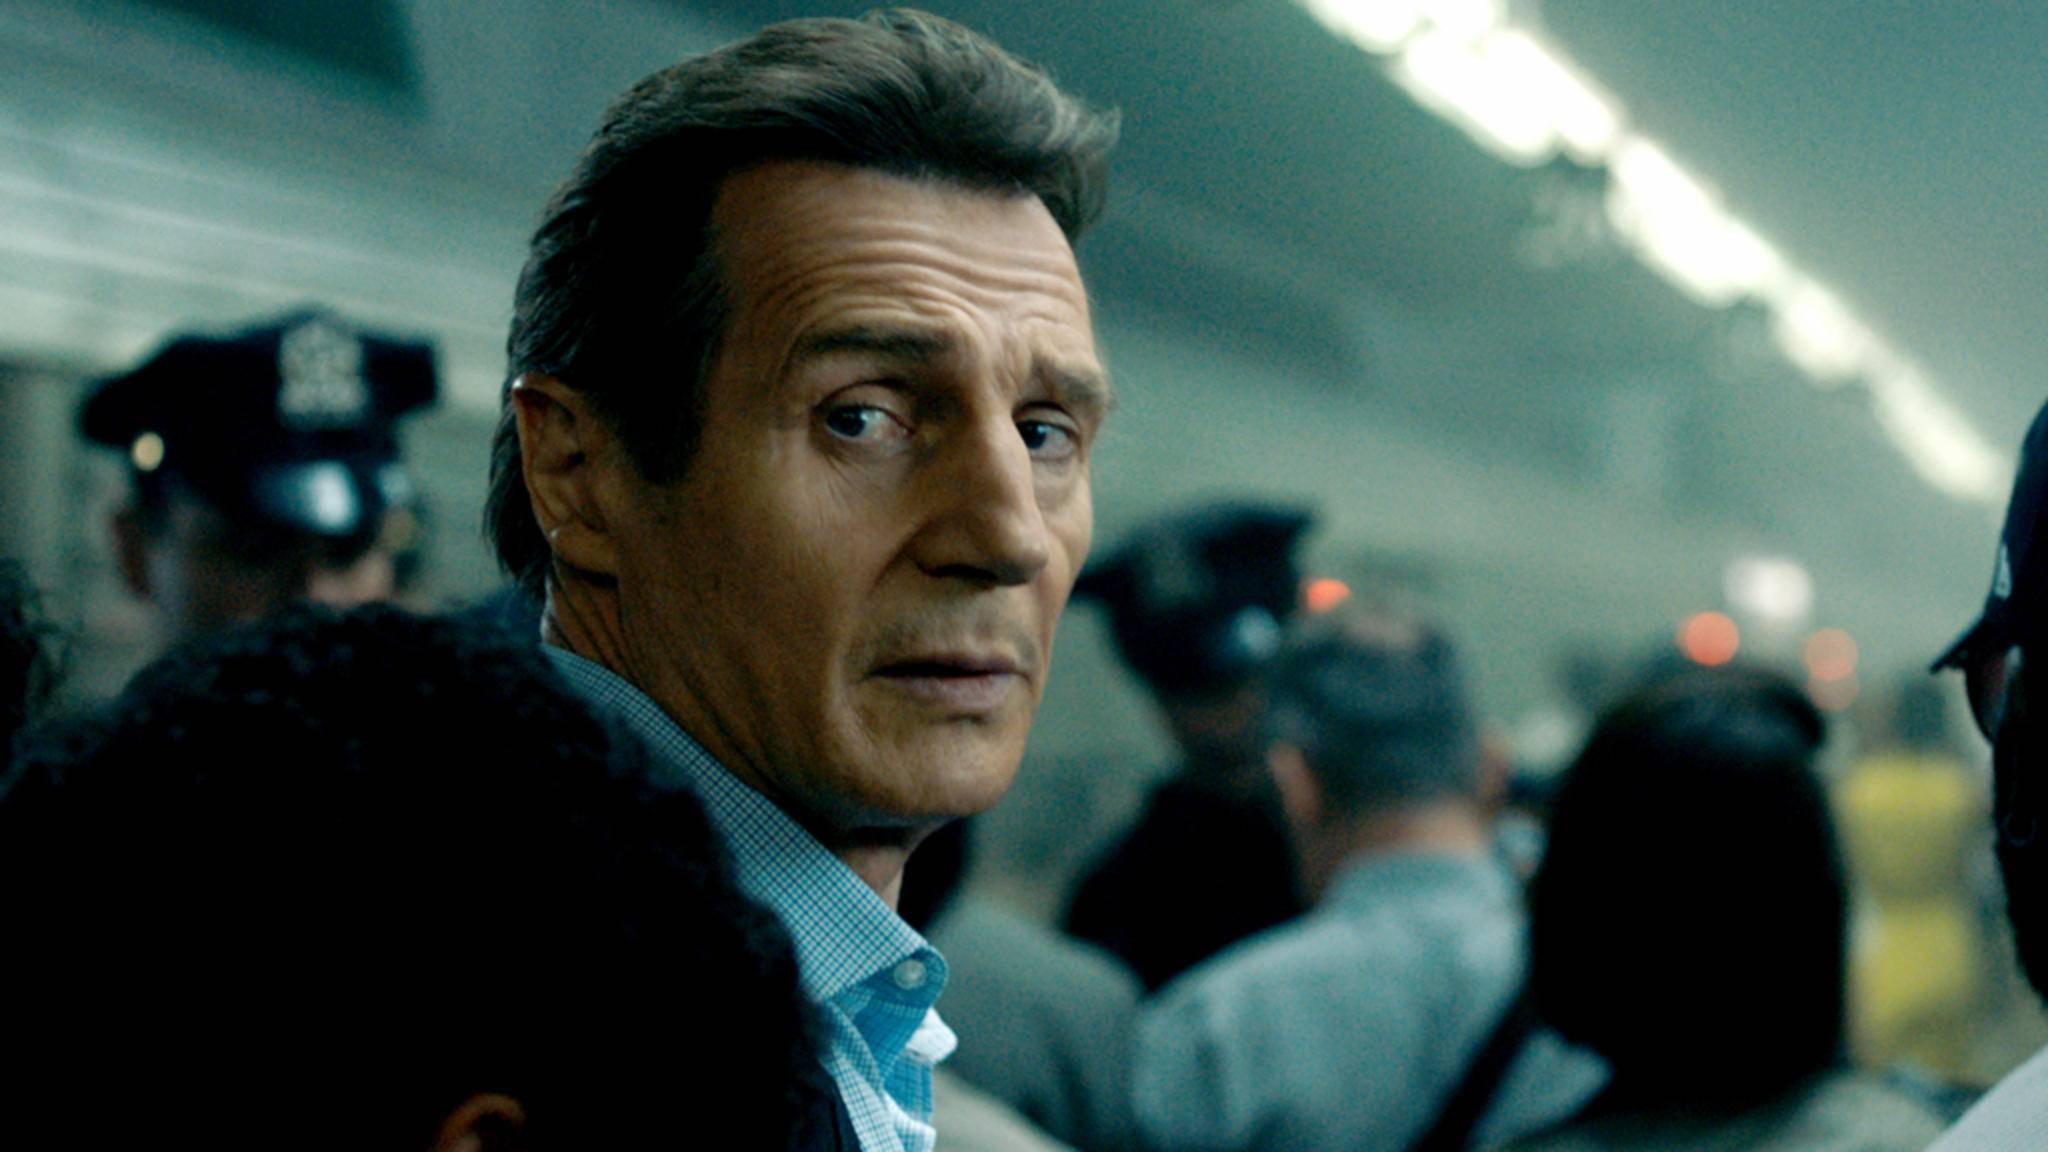 Täglich pendelt Michael MacCauley (Liam Neeson) mit dem Zug zur Arbeit, doch heute wird die Routine durchbrochen.